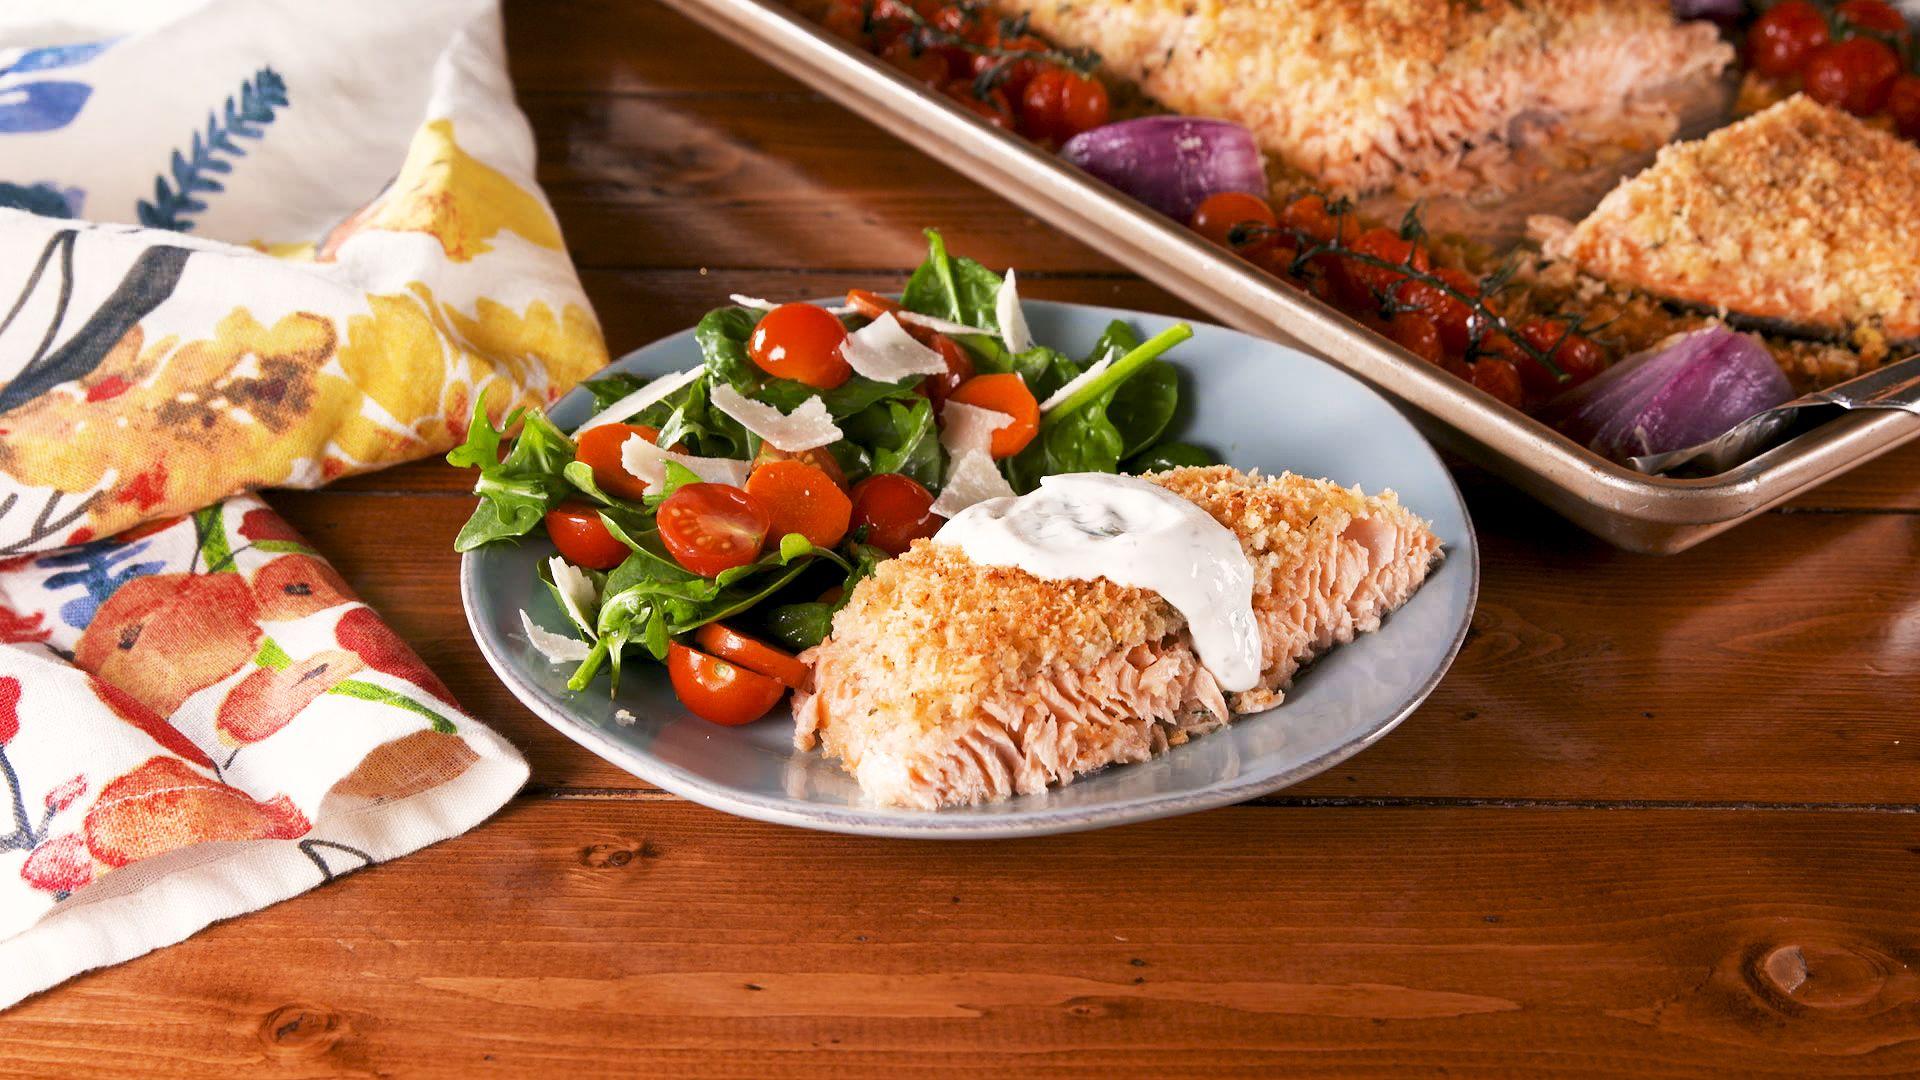 Breadcrumb Crusted Salmon